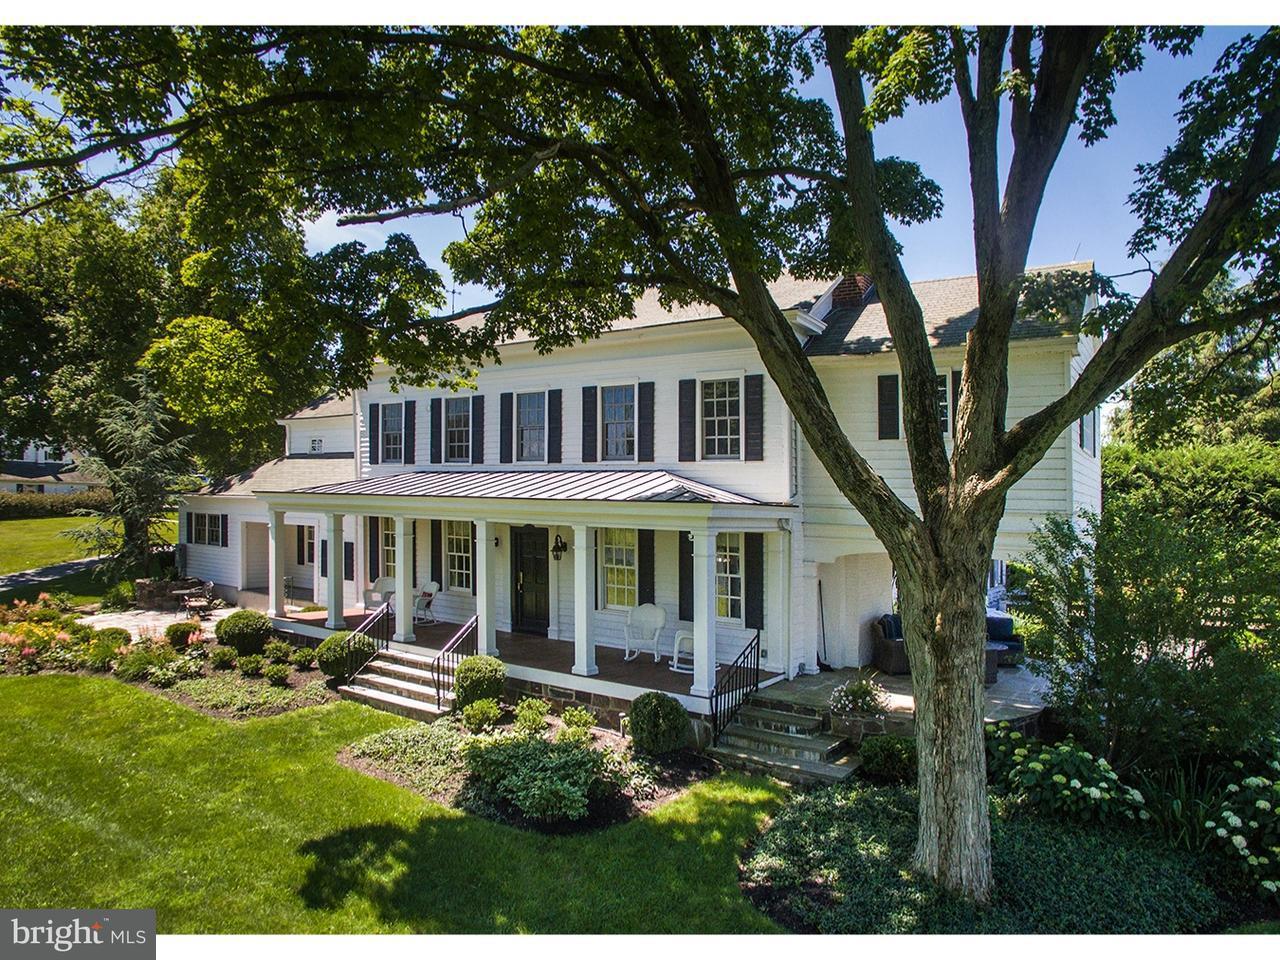 Частный односемейный дом для того Продажа на 28 LINDBERGH Road Ringoes, Нью-Джерси 08551 Соединенные ШтатыВ/Около: East Amwell Township